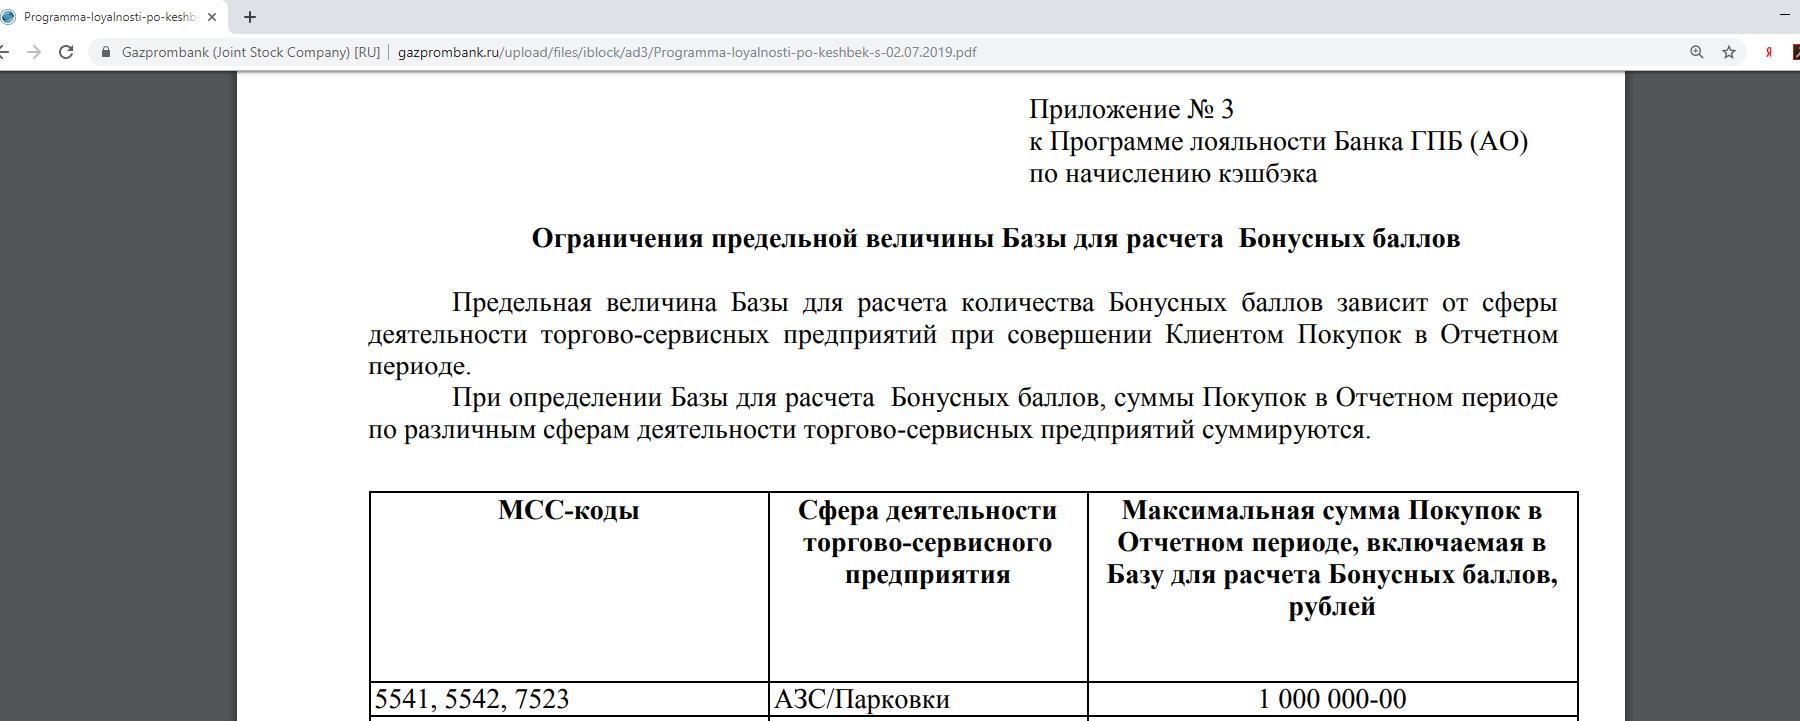 Ограничения в начислении кэшбэка на АЗС в Газпромбанке